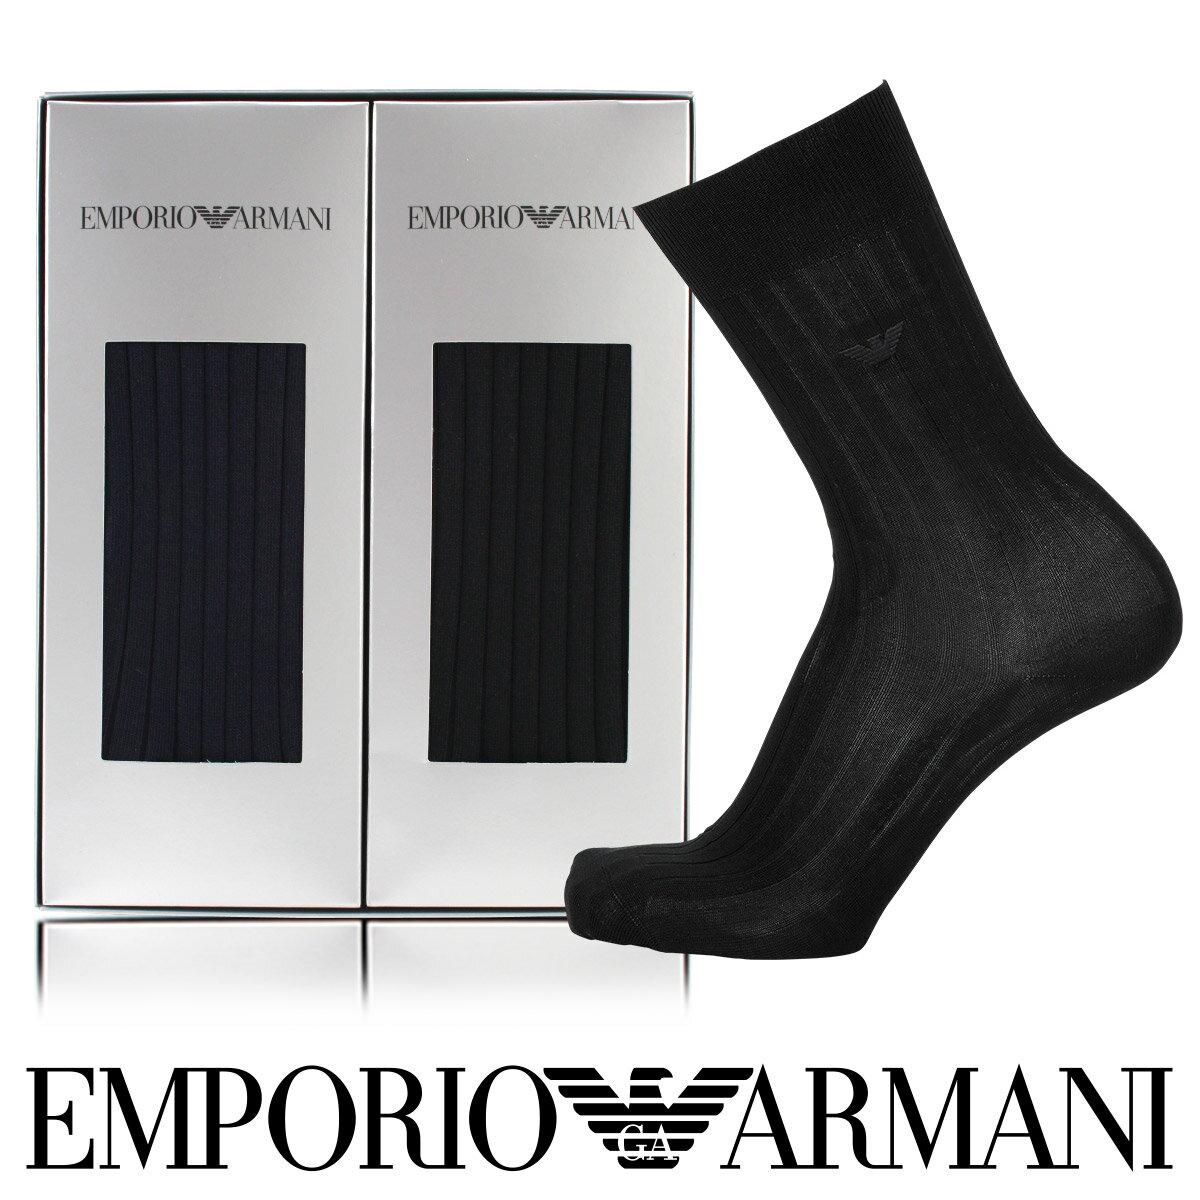 【送料無料】EMPORIO ARMANI ( エンポリオ アルマーニ ) メンズ ソックス オールシーズン用 靴下 Dress リブ クルー丈 ソックス ブランド靴下2足組ギフトセット男性 メンズ ギフトEA-2P バレンタイン プレゼント ポイント10倍